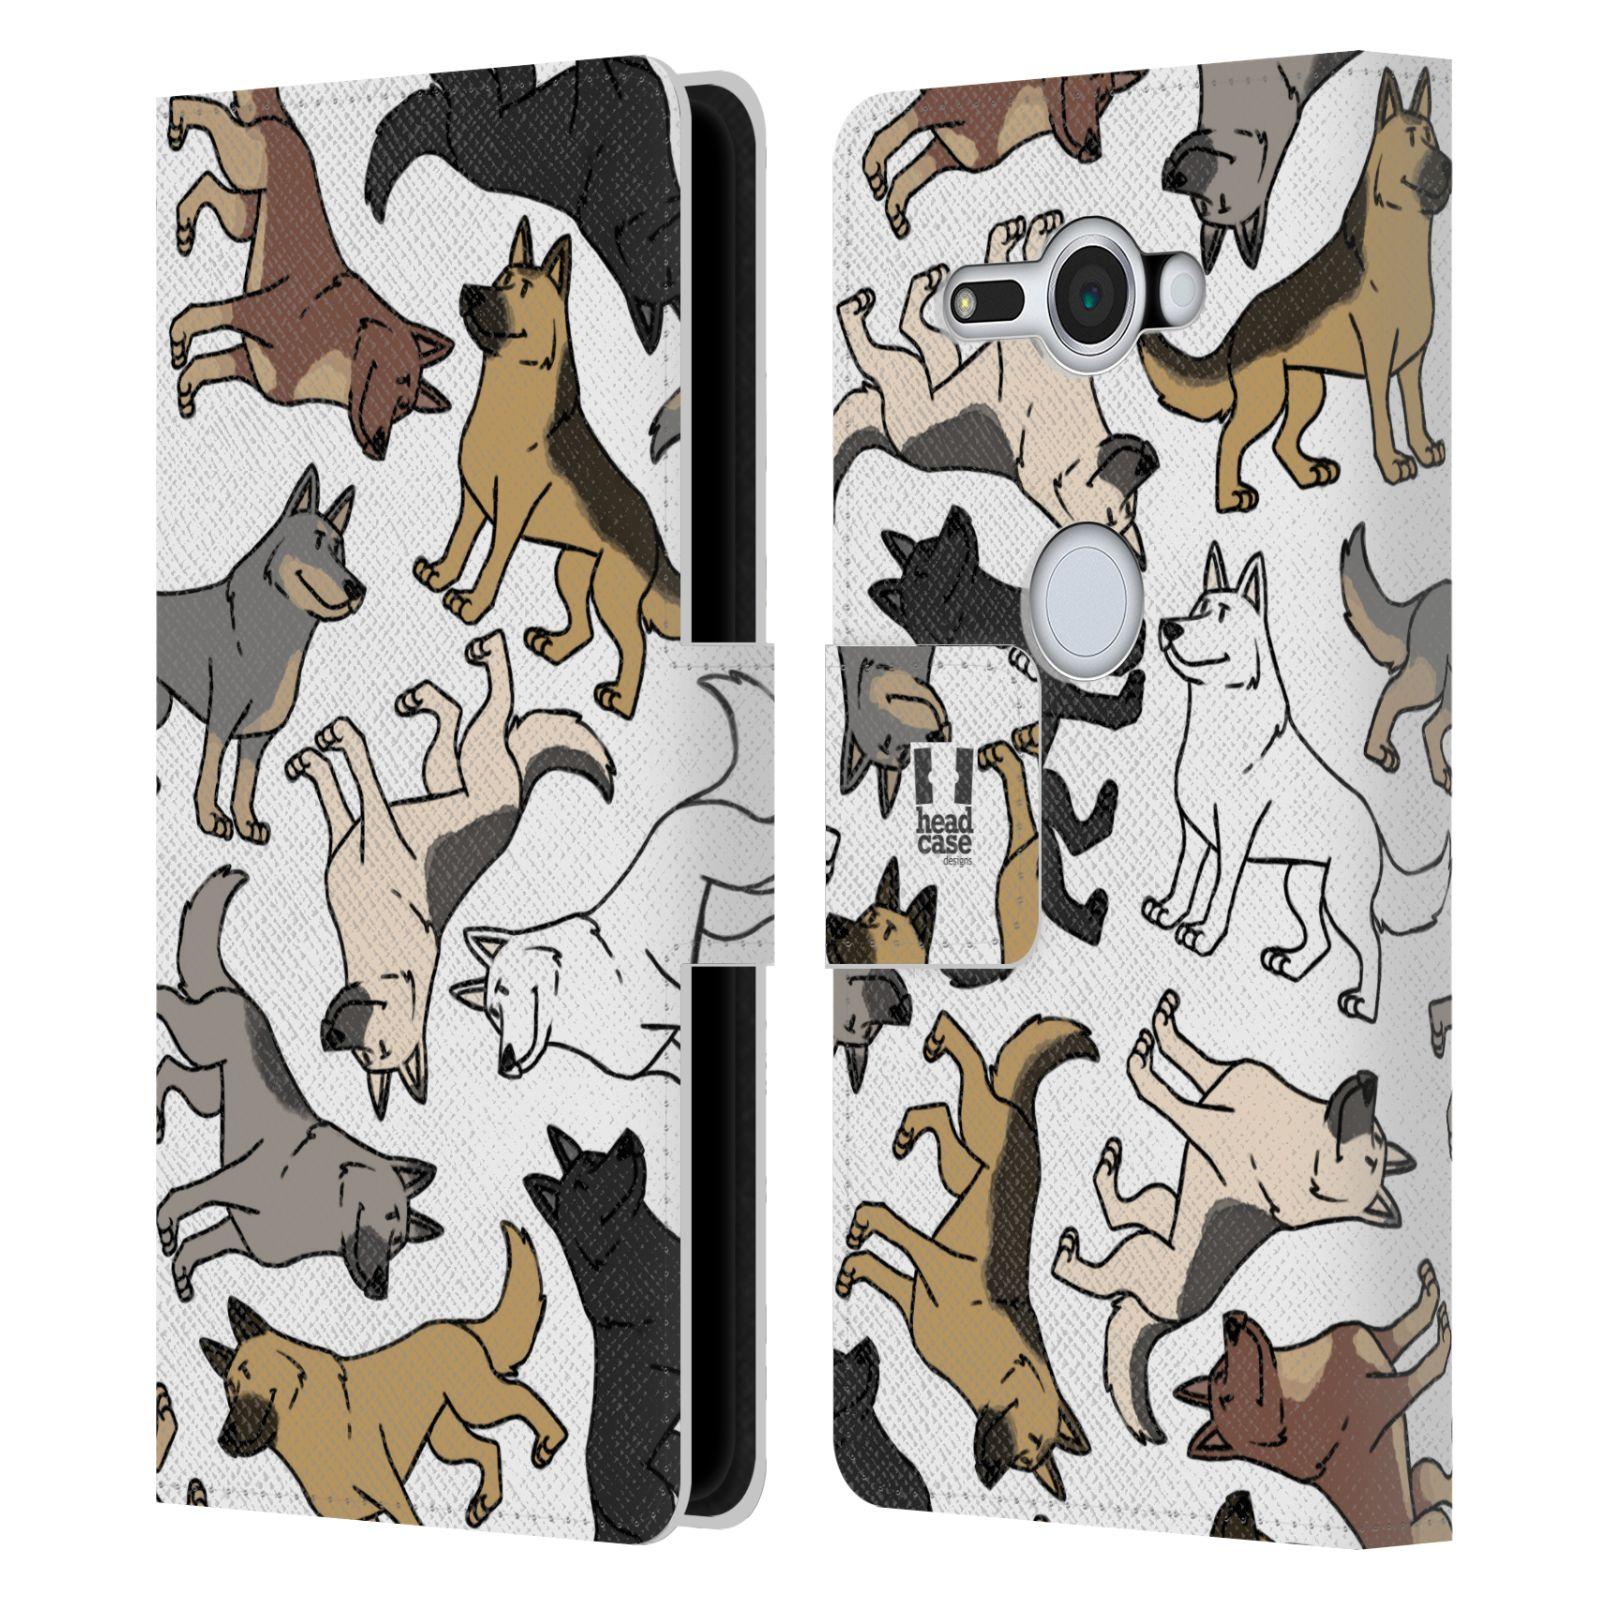 Pouzdro na mobil Sony Xperia XZ2 Compact - Head Case - pejsek Německý ovčák